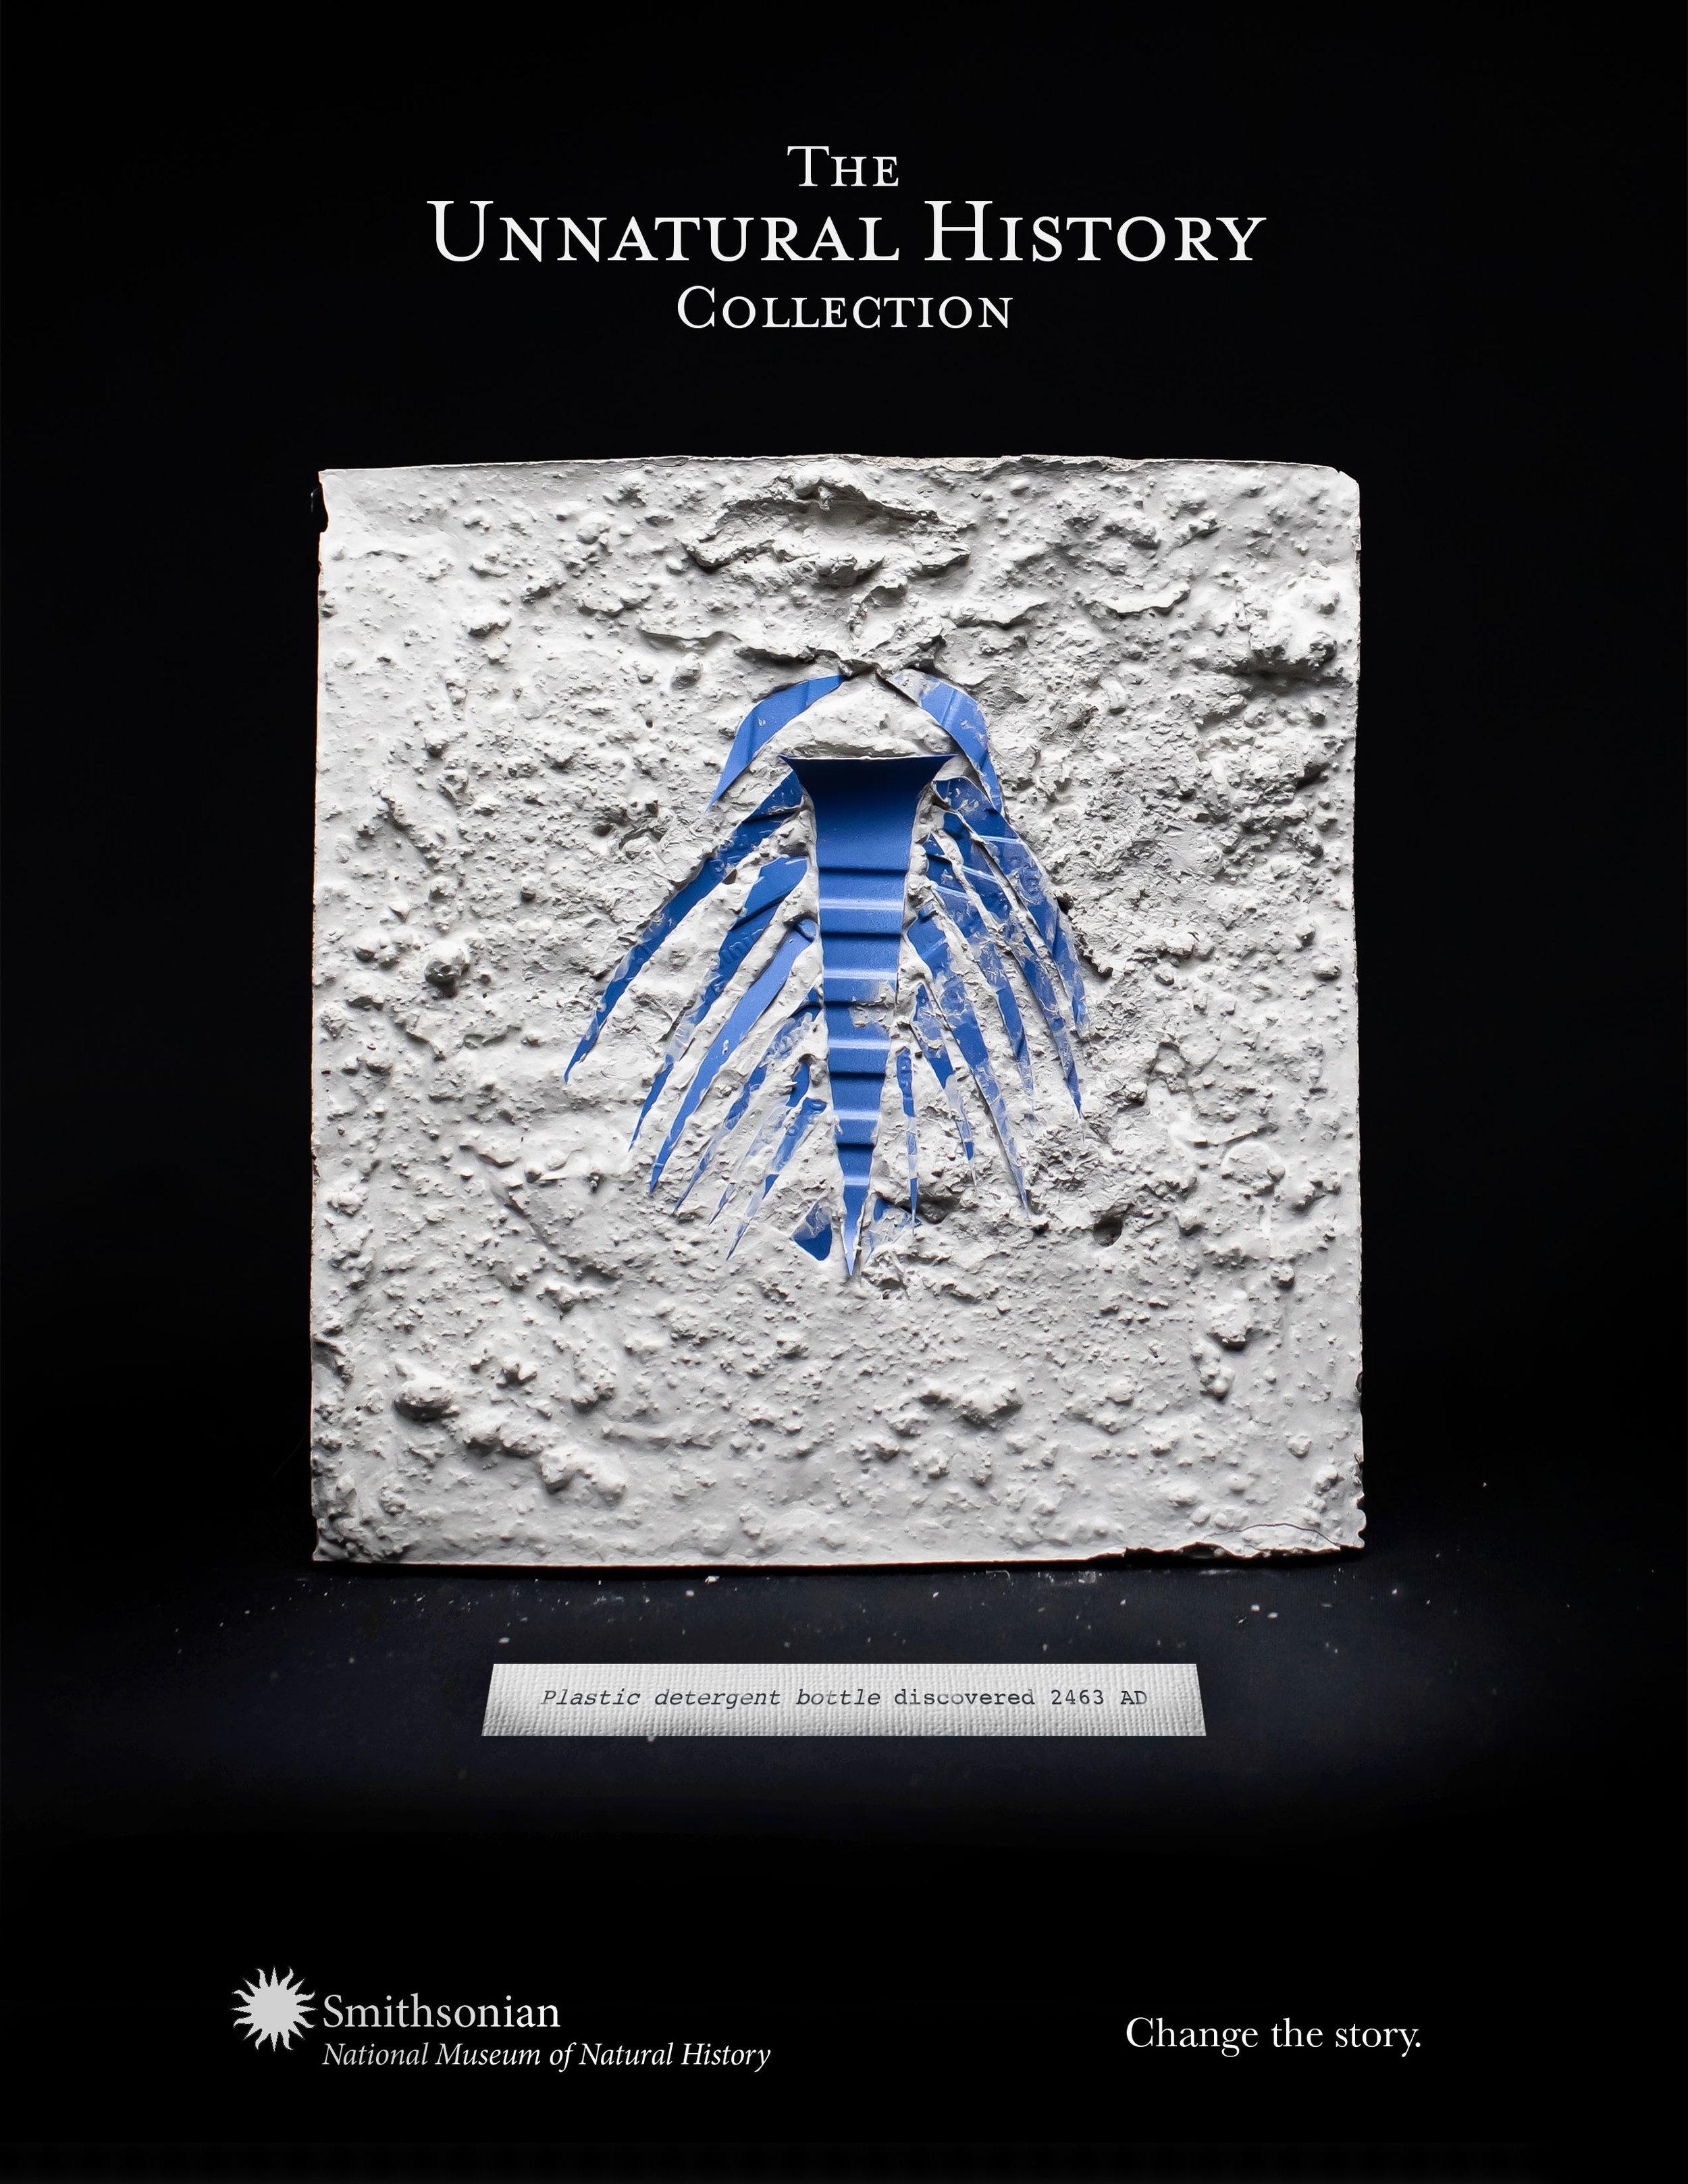 Mahaffey_Sumner_Smithsonian_fossil.jpg